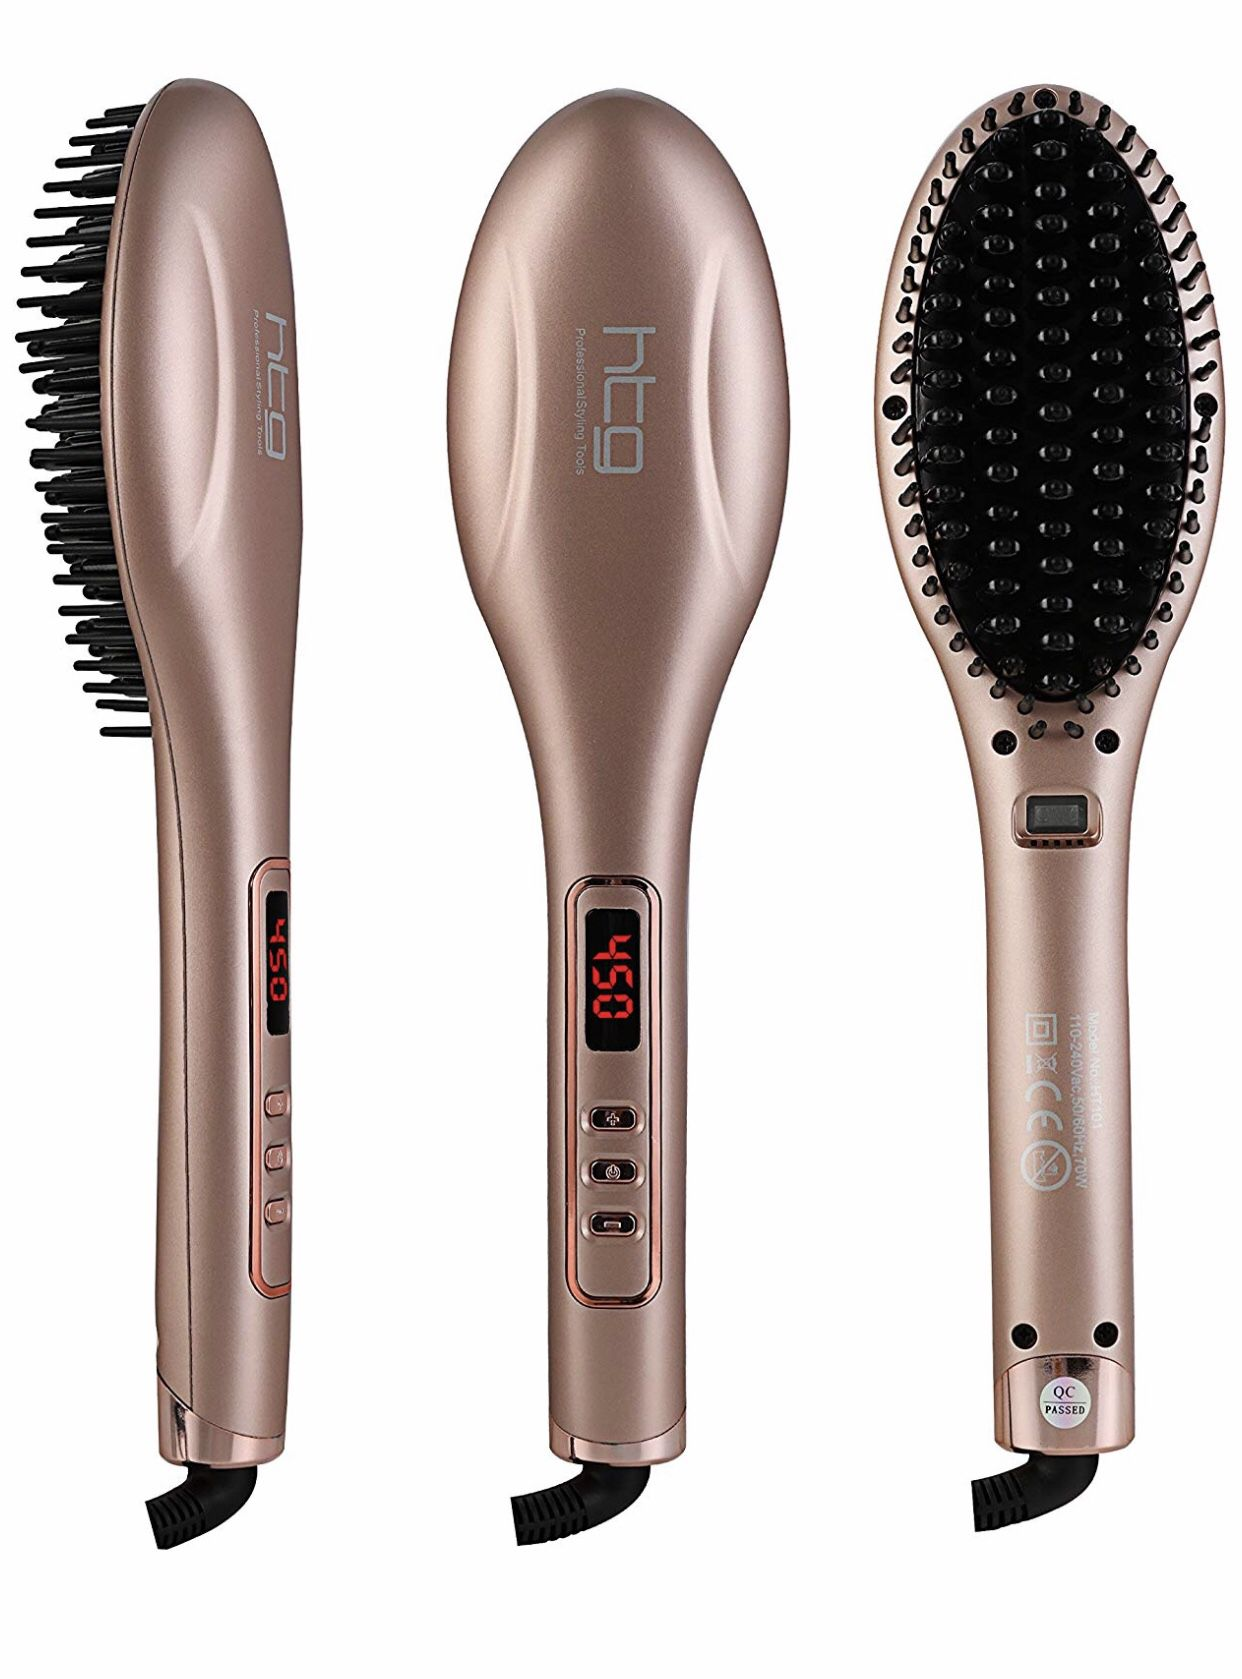 Flat Iron Hair Brush Straightener